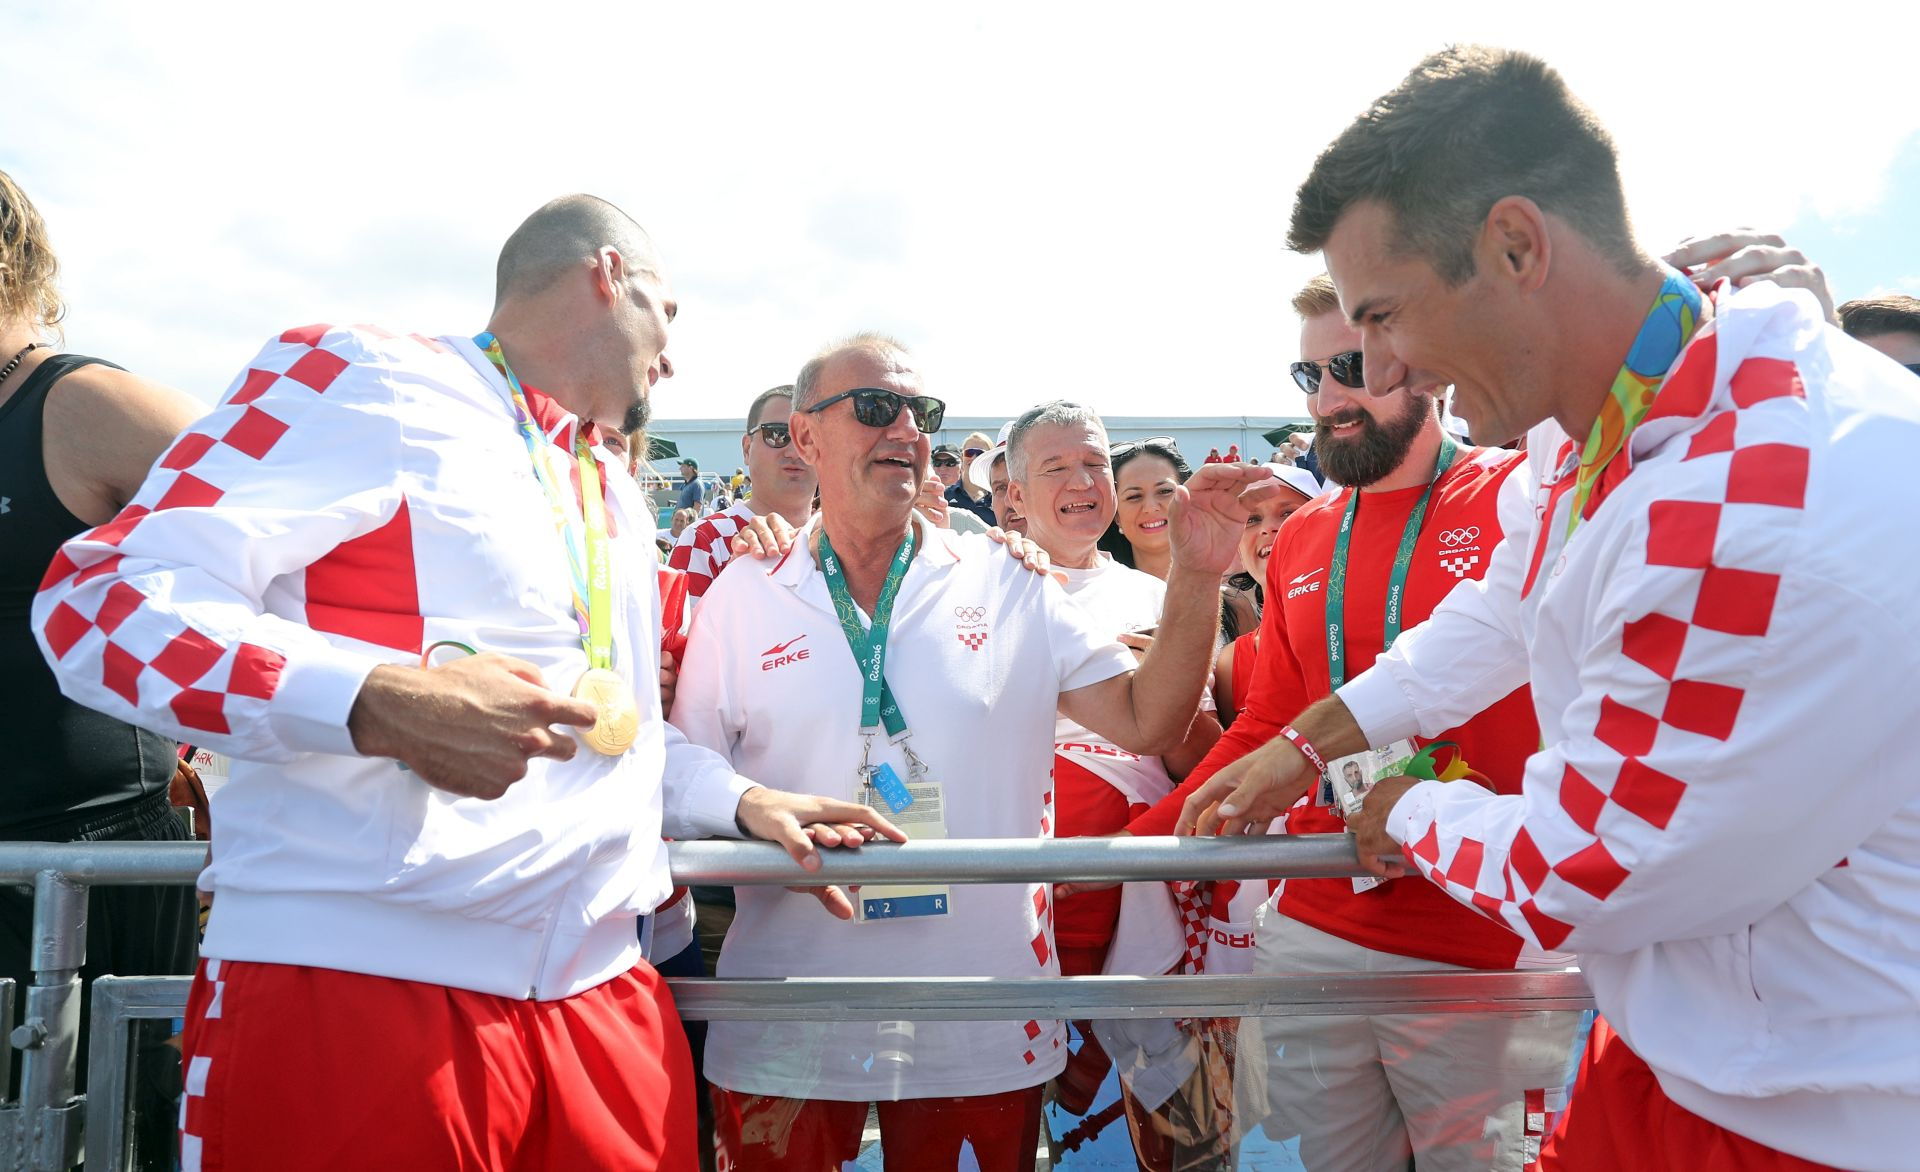 TRENER BRALIĆ: 'Mislim da Valent i Martin mogu trajati još dva olimpijska ciklusa'